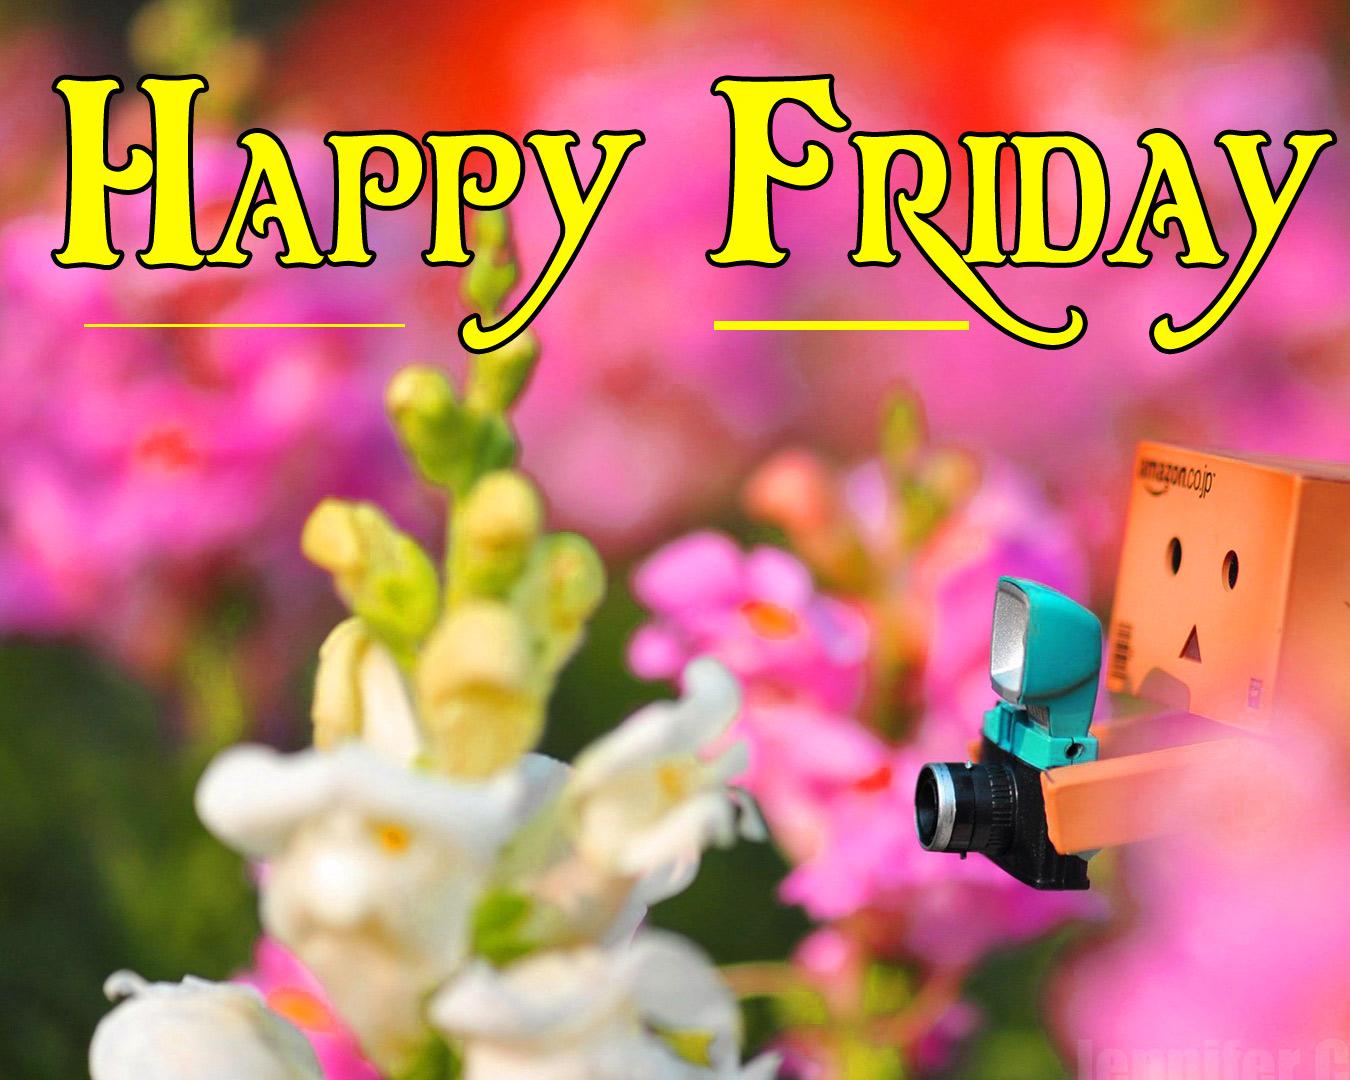 Good Morning Wishes Image 3